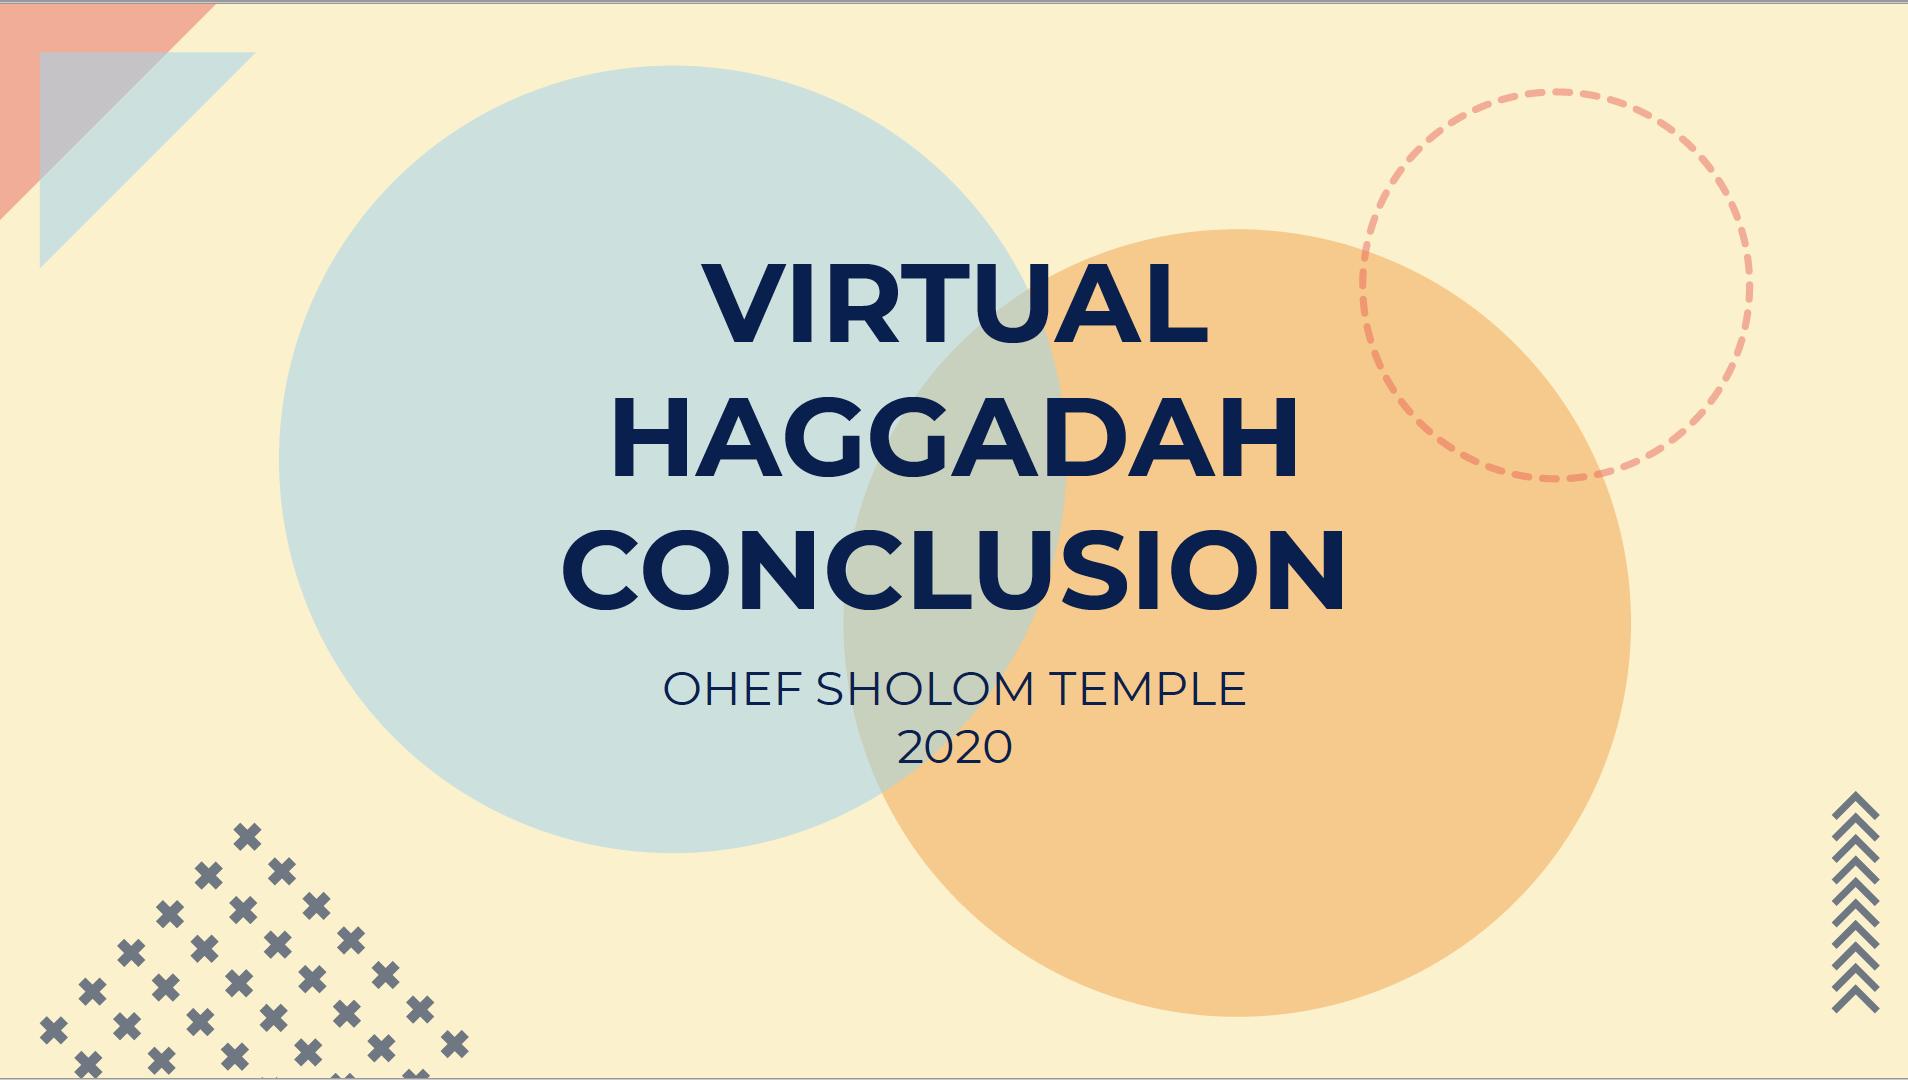 Virtual Haggadah Conclusion 2020_Title Page